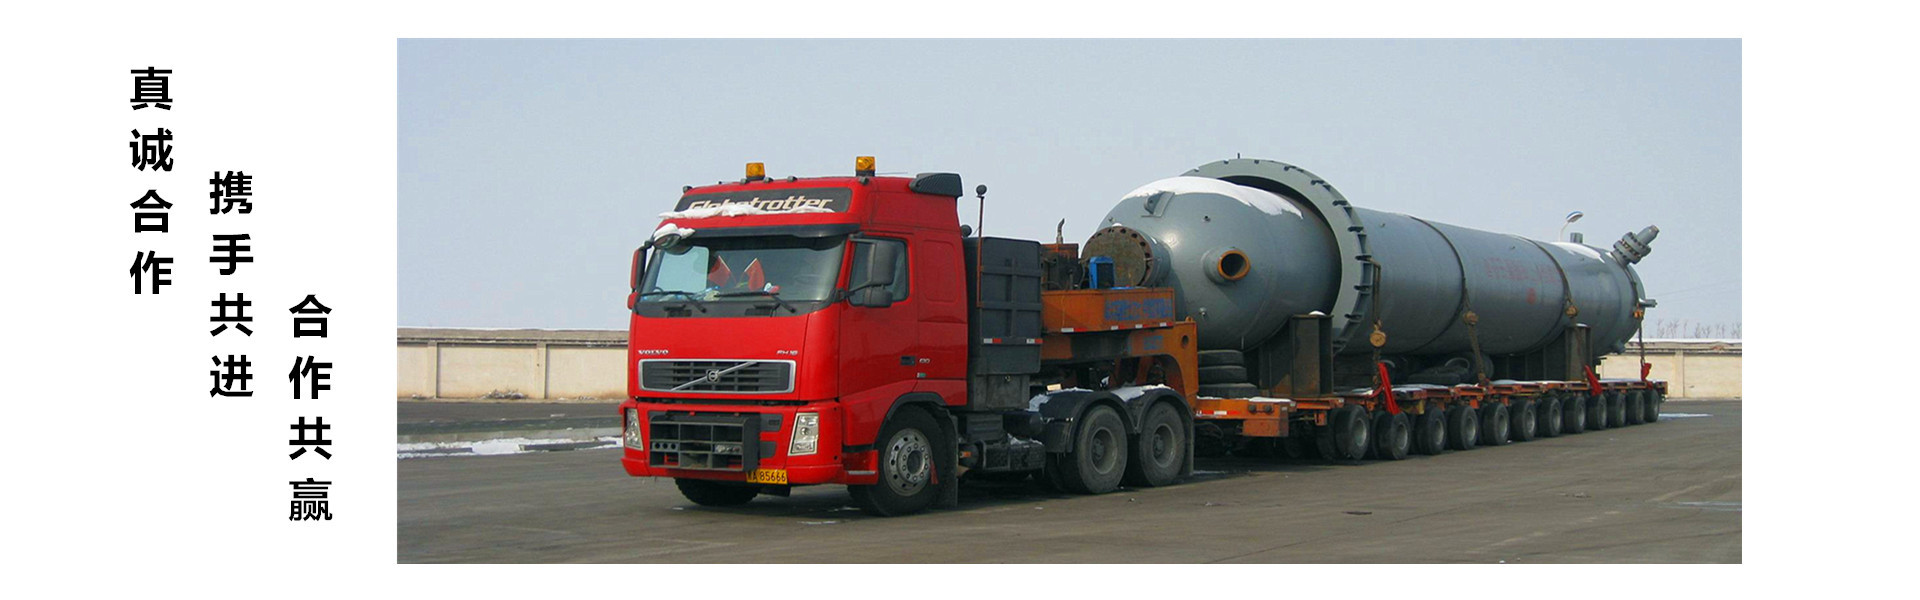 西安大件设备运输公司